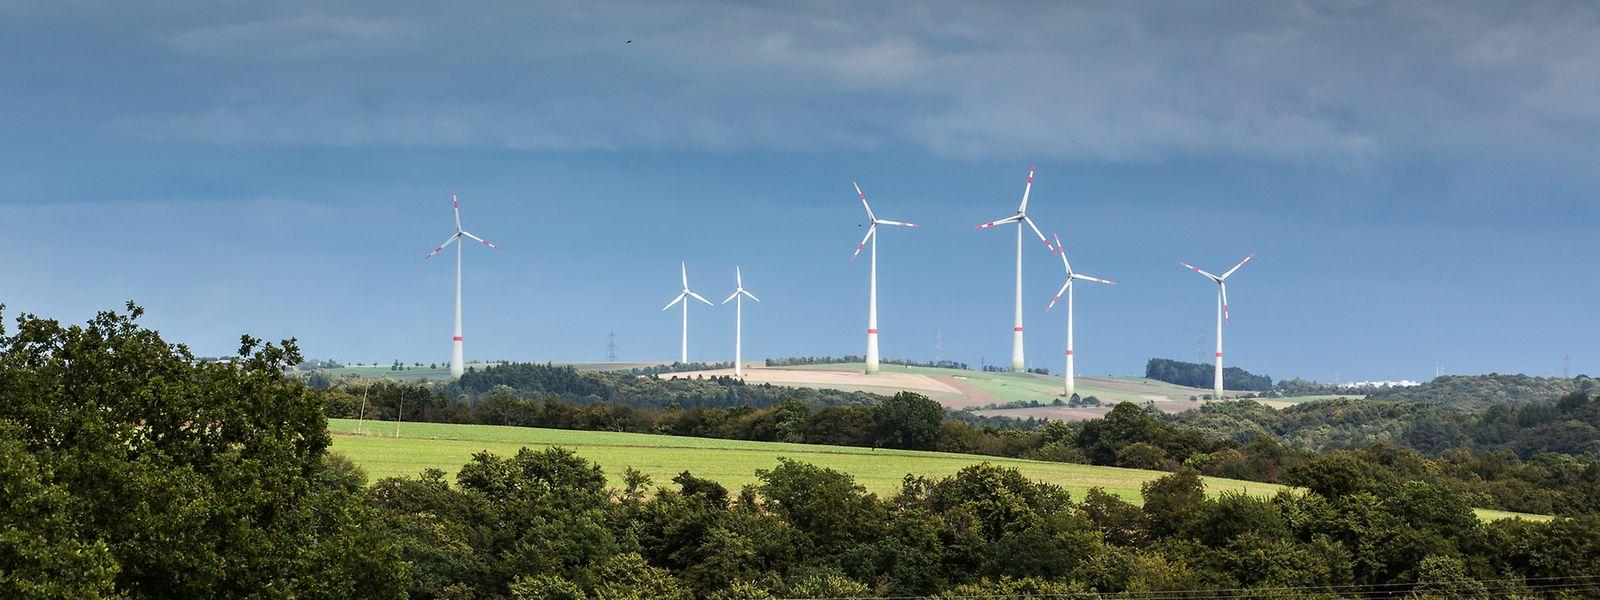 Die Windräder bei Mompach und Born sind die bislang einzigen im Müllerthal. Fünf weitere sollen dazukommen – mit einem Rotordurchmesser von 140 Metern.